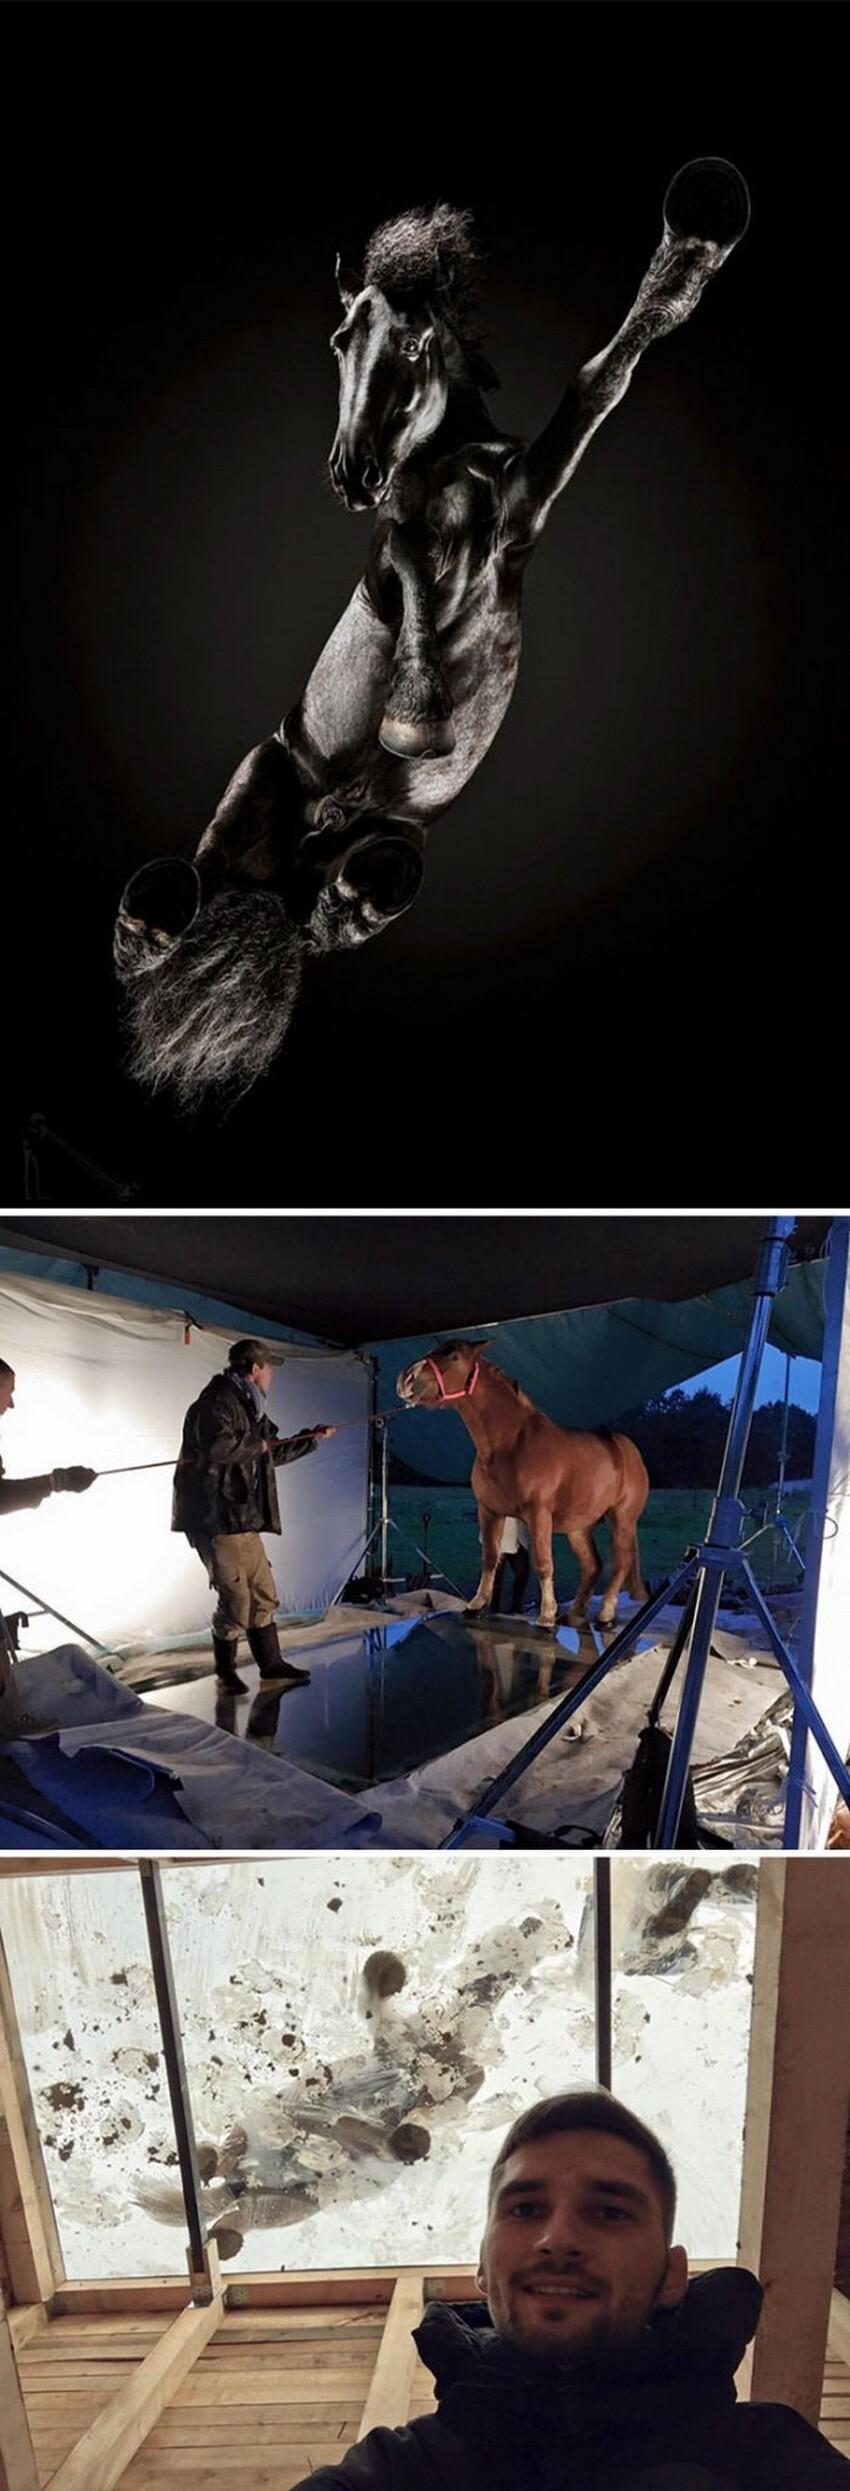 Наверное, самое страшное, когда конь захочет в туалет